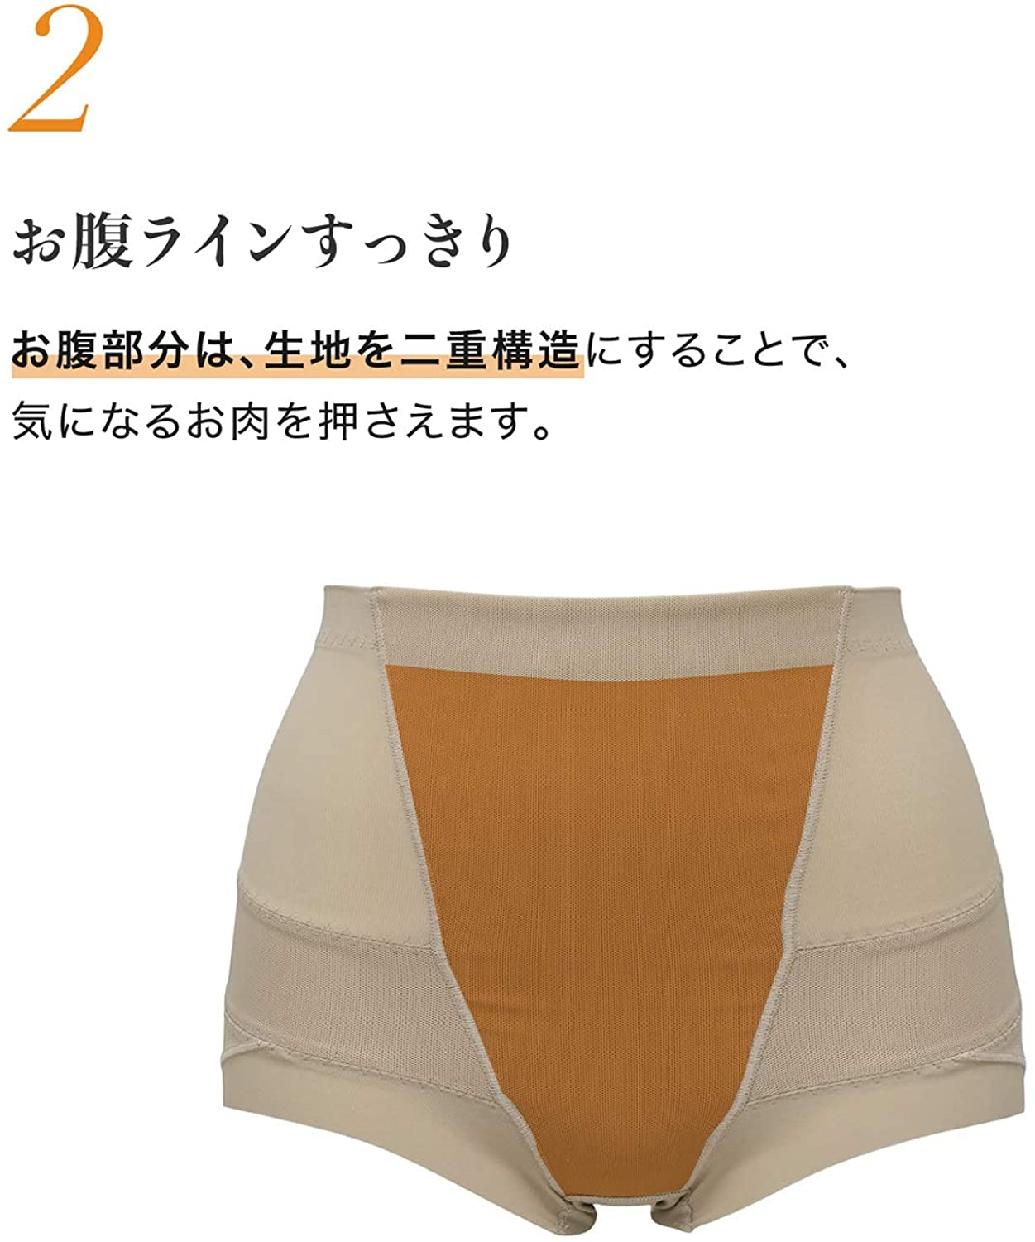 LECIEN(ルシアン)骨盤パンツ (ショート丈)の商品画像5